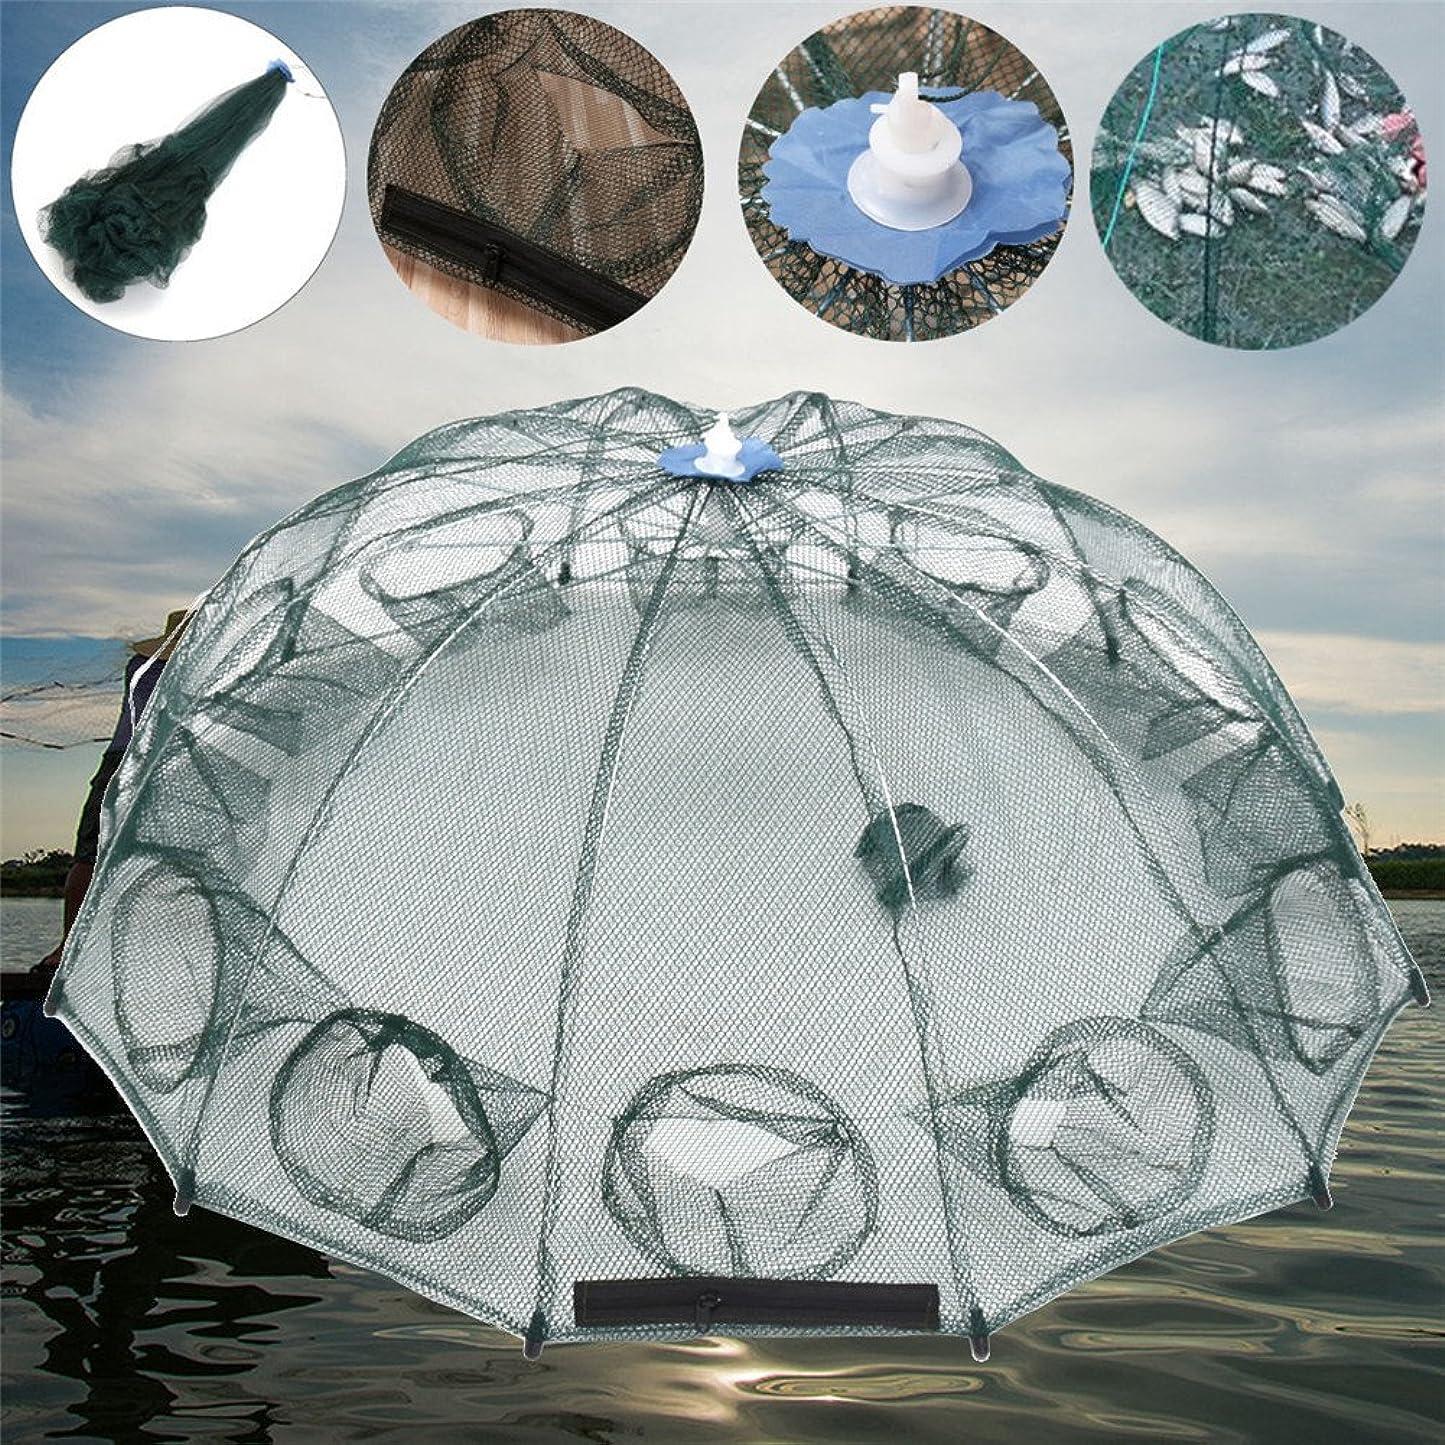 ハチベジタリアン労苦Lacyie 漁具 魚捕り網 網自動漁網 魚網 軽量 コンパクト収納 折り畳み式 完成仕掛け エビ/カニ/魚など ばっちり捕獲